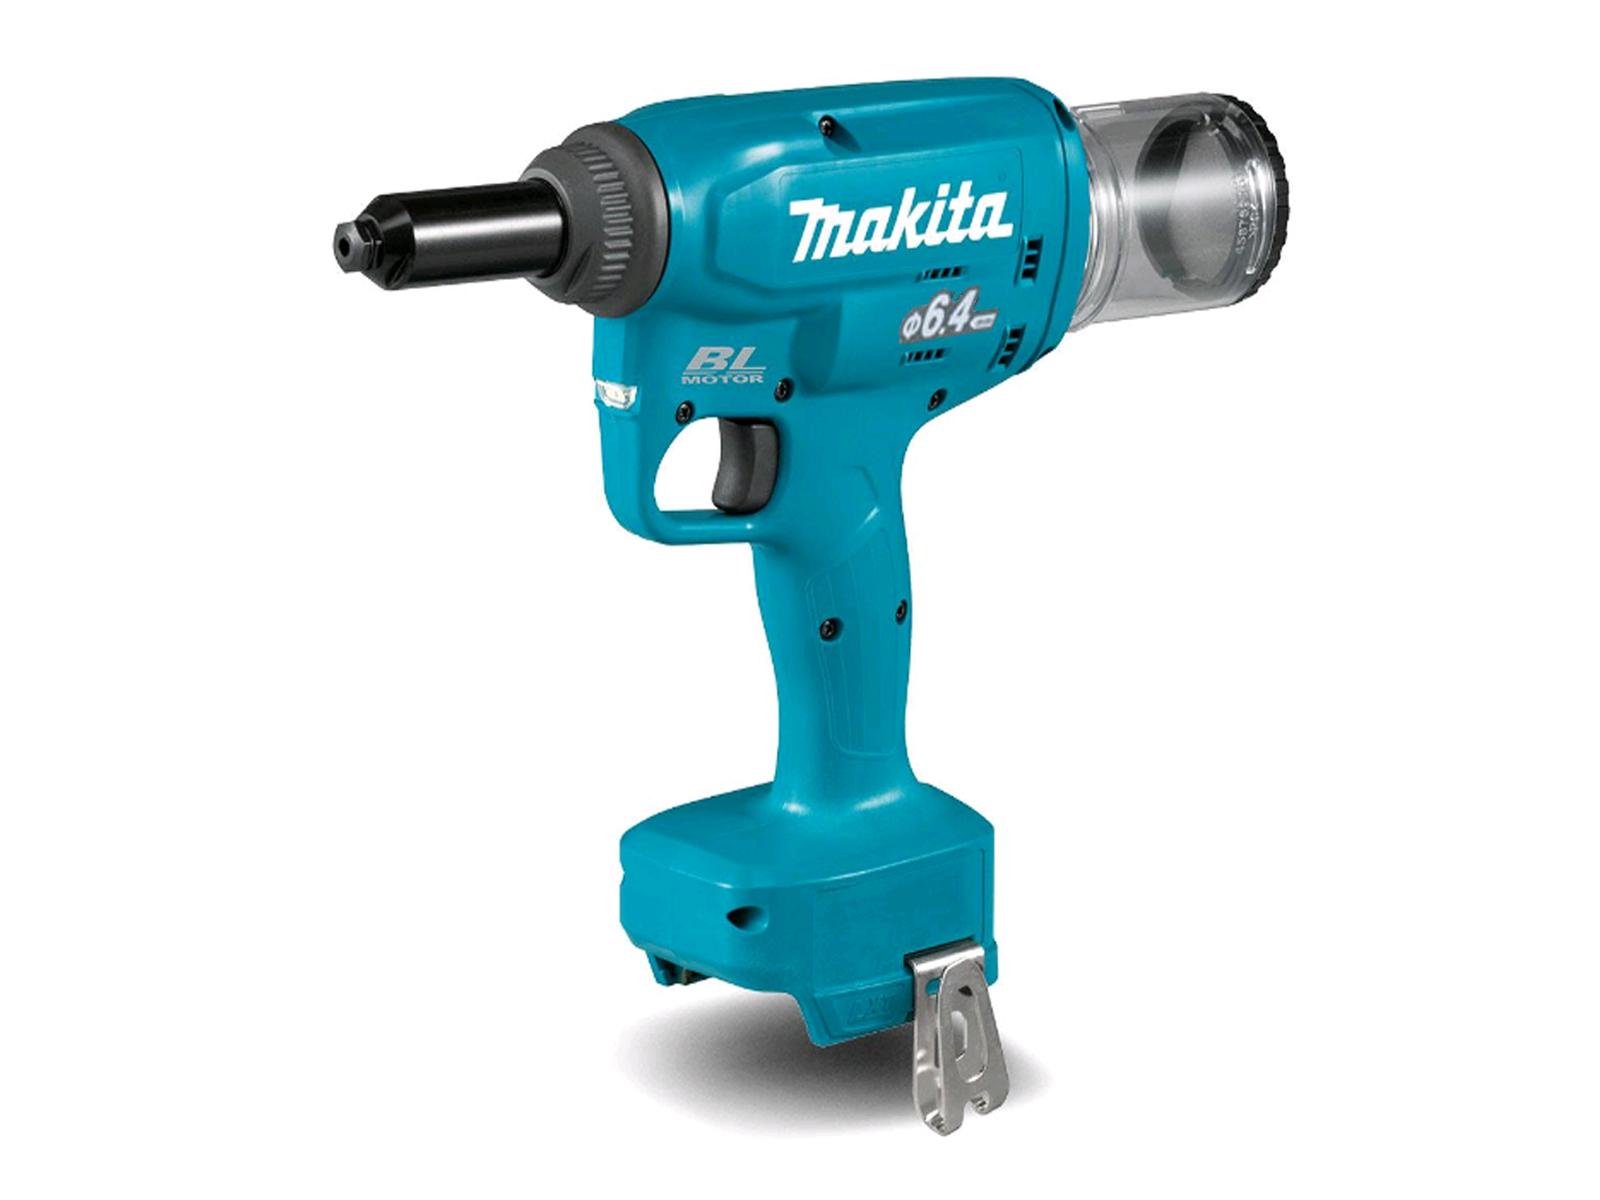 Makita DRV250Z 18V Brushless Cordless Rivet Gun 4.8mm - 6.4mm - Body Only